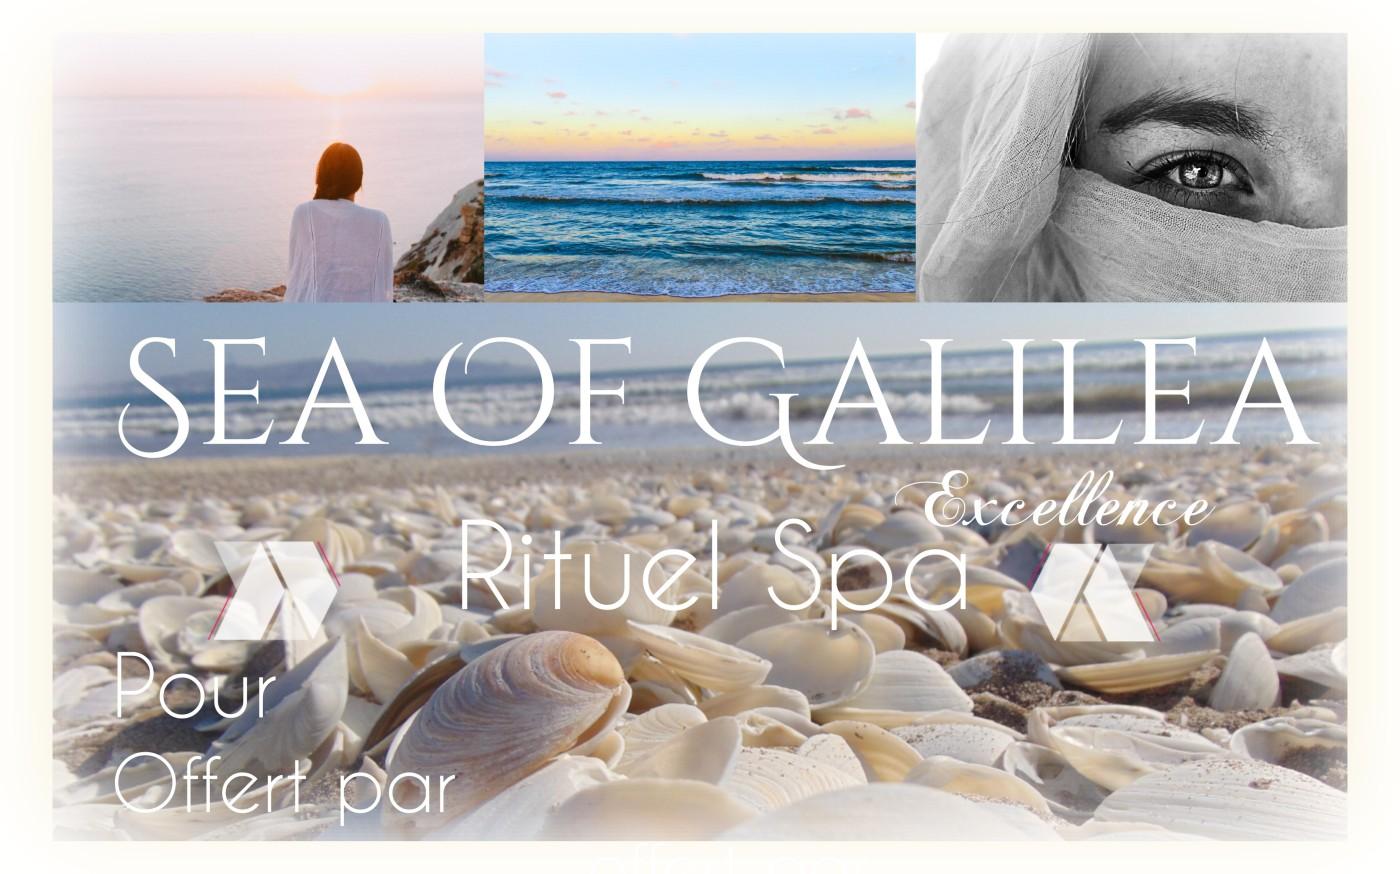 massage biarritz, massage Oriental inclu dans un rituel spas, massage relaxant, procure une grande détente, c'est un massage bien-être qui entraine le calme et la sérénité.